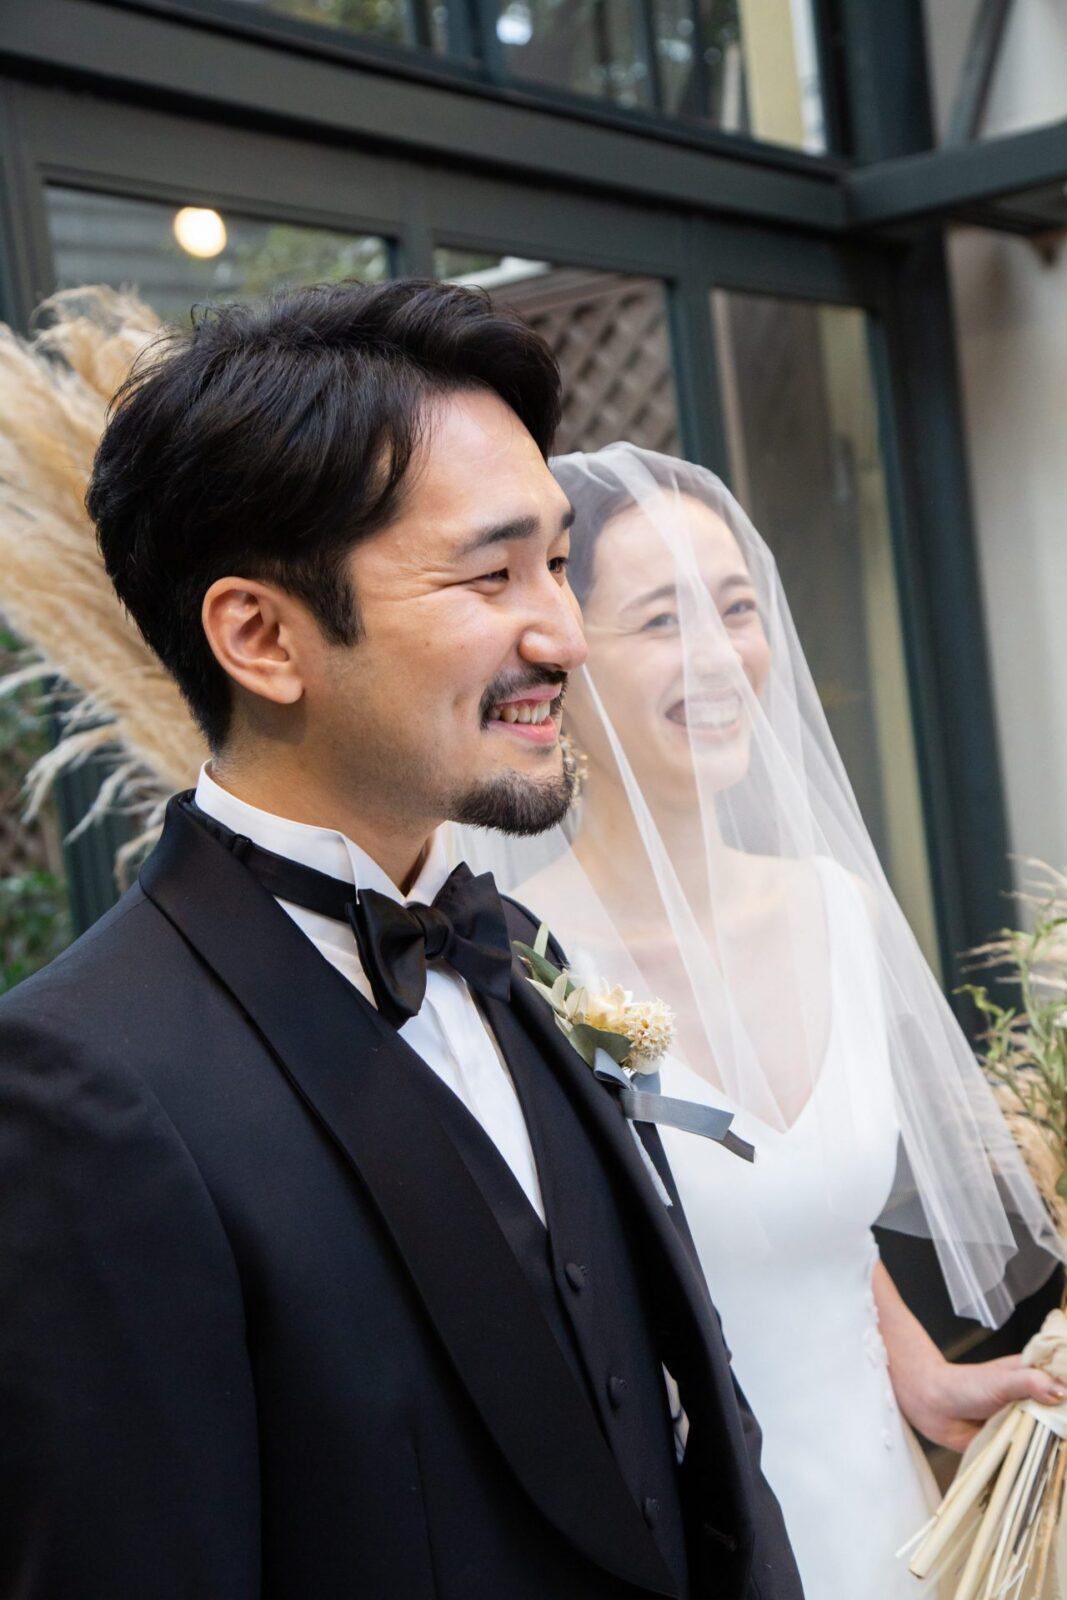 ウェディングドレスを纏ったご新婦様をエスコートするご新郎様の表情には、アットホームで賑やかな結婚式らしい自然体な笑顔が溢れます